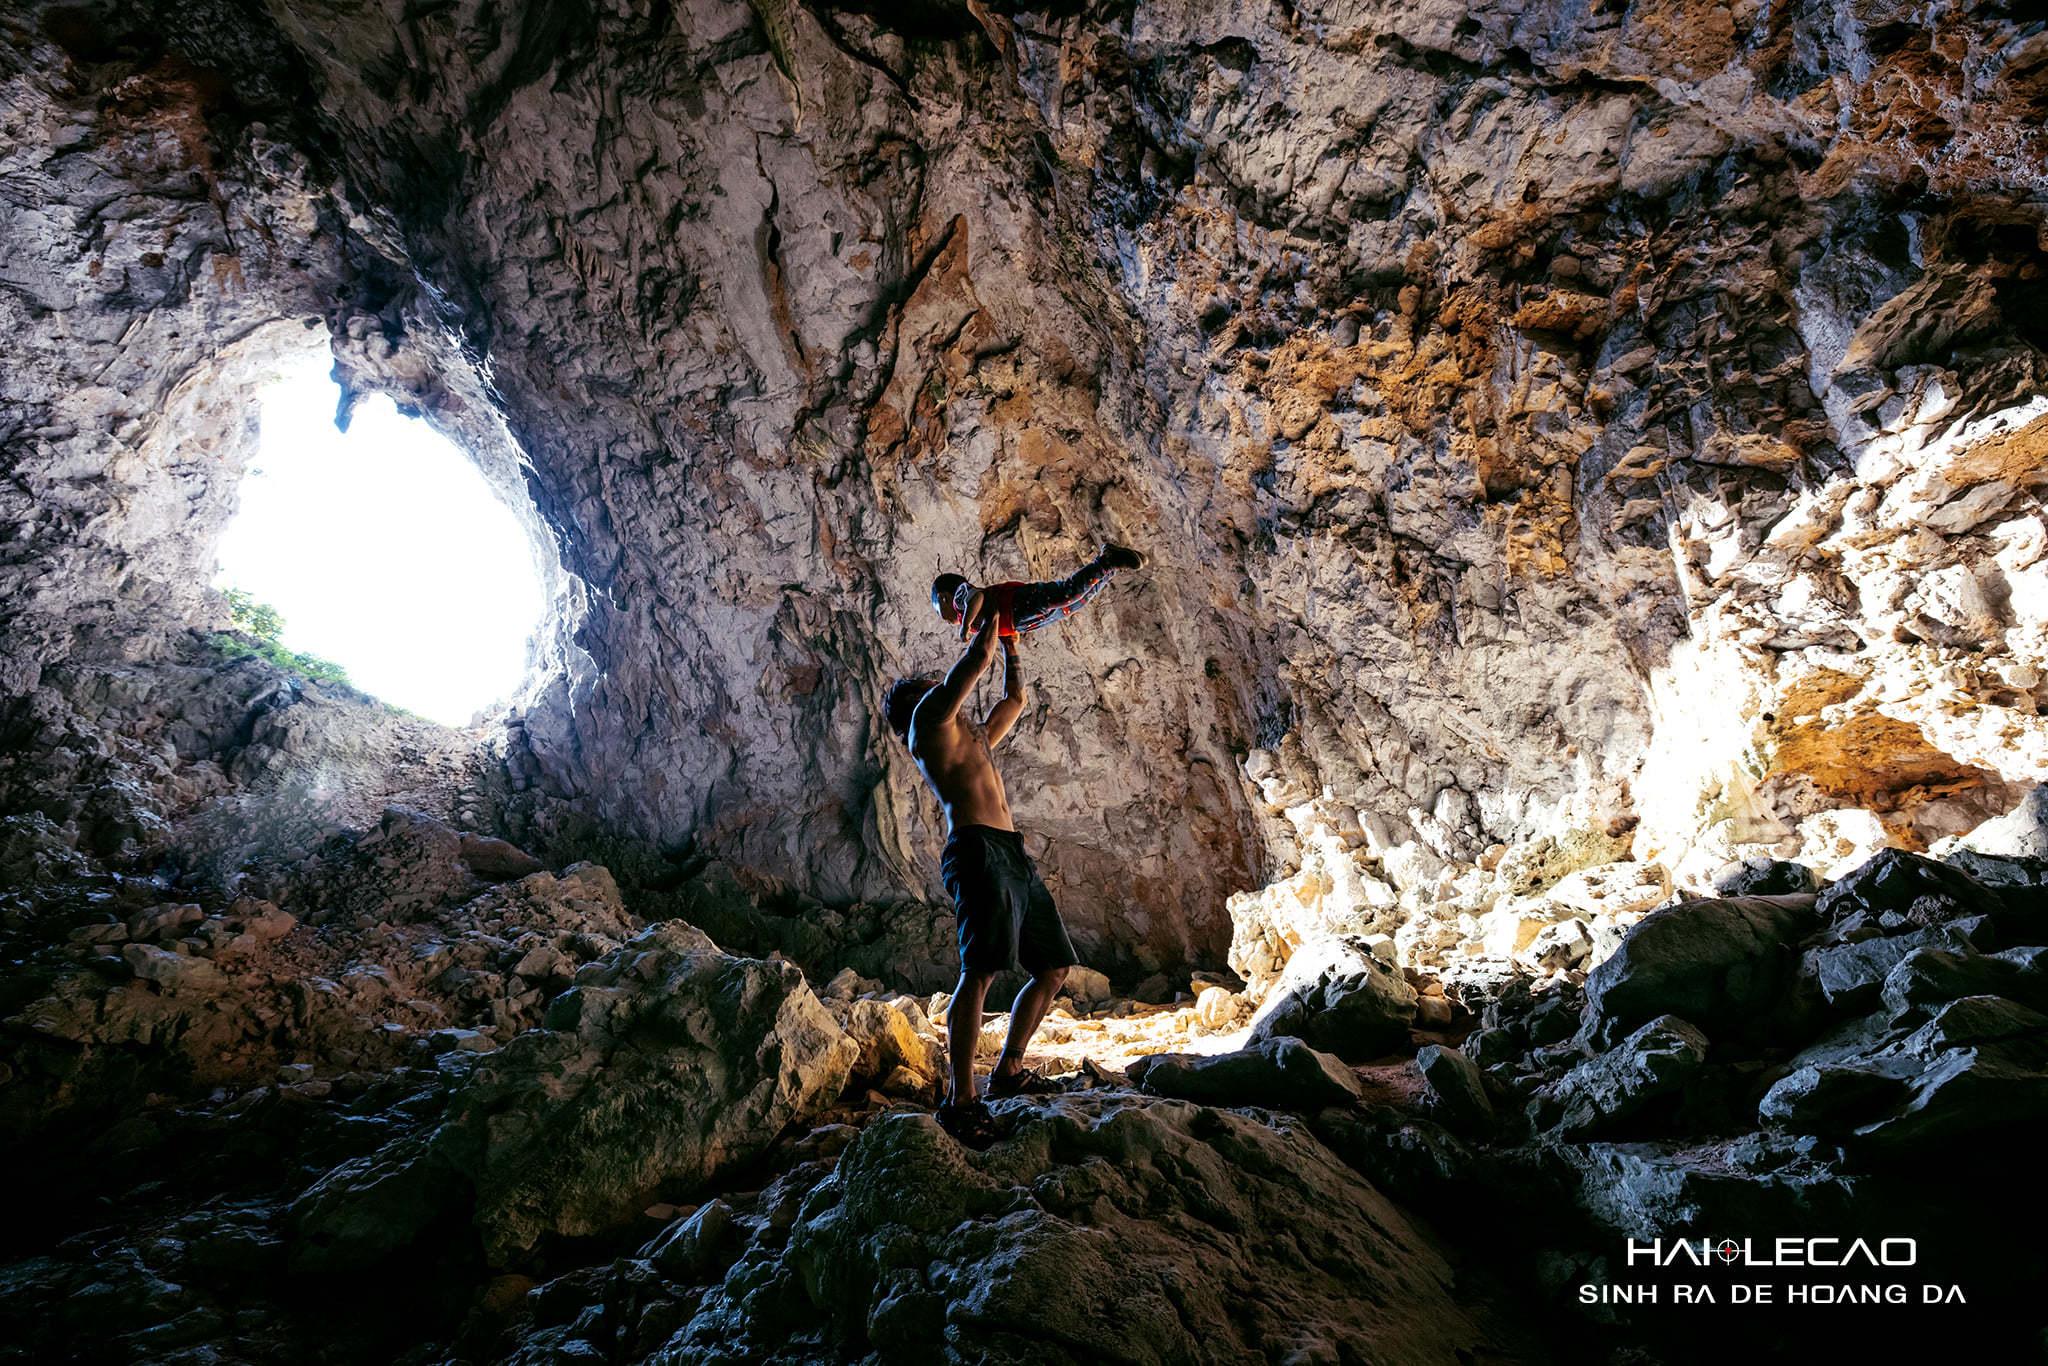 Cậu bé 22 tháng tuổi cùng bố trèo đá, bám vách chinh phục hang động Cát Bà